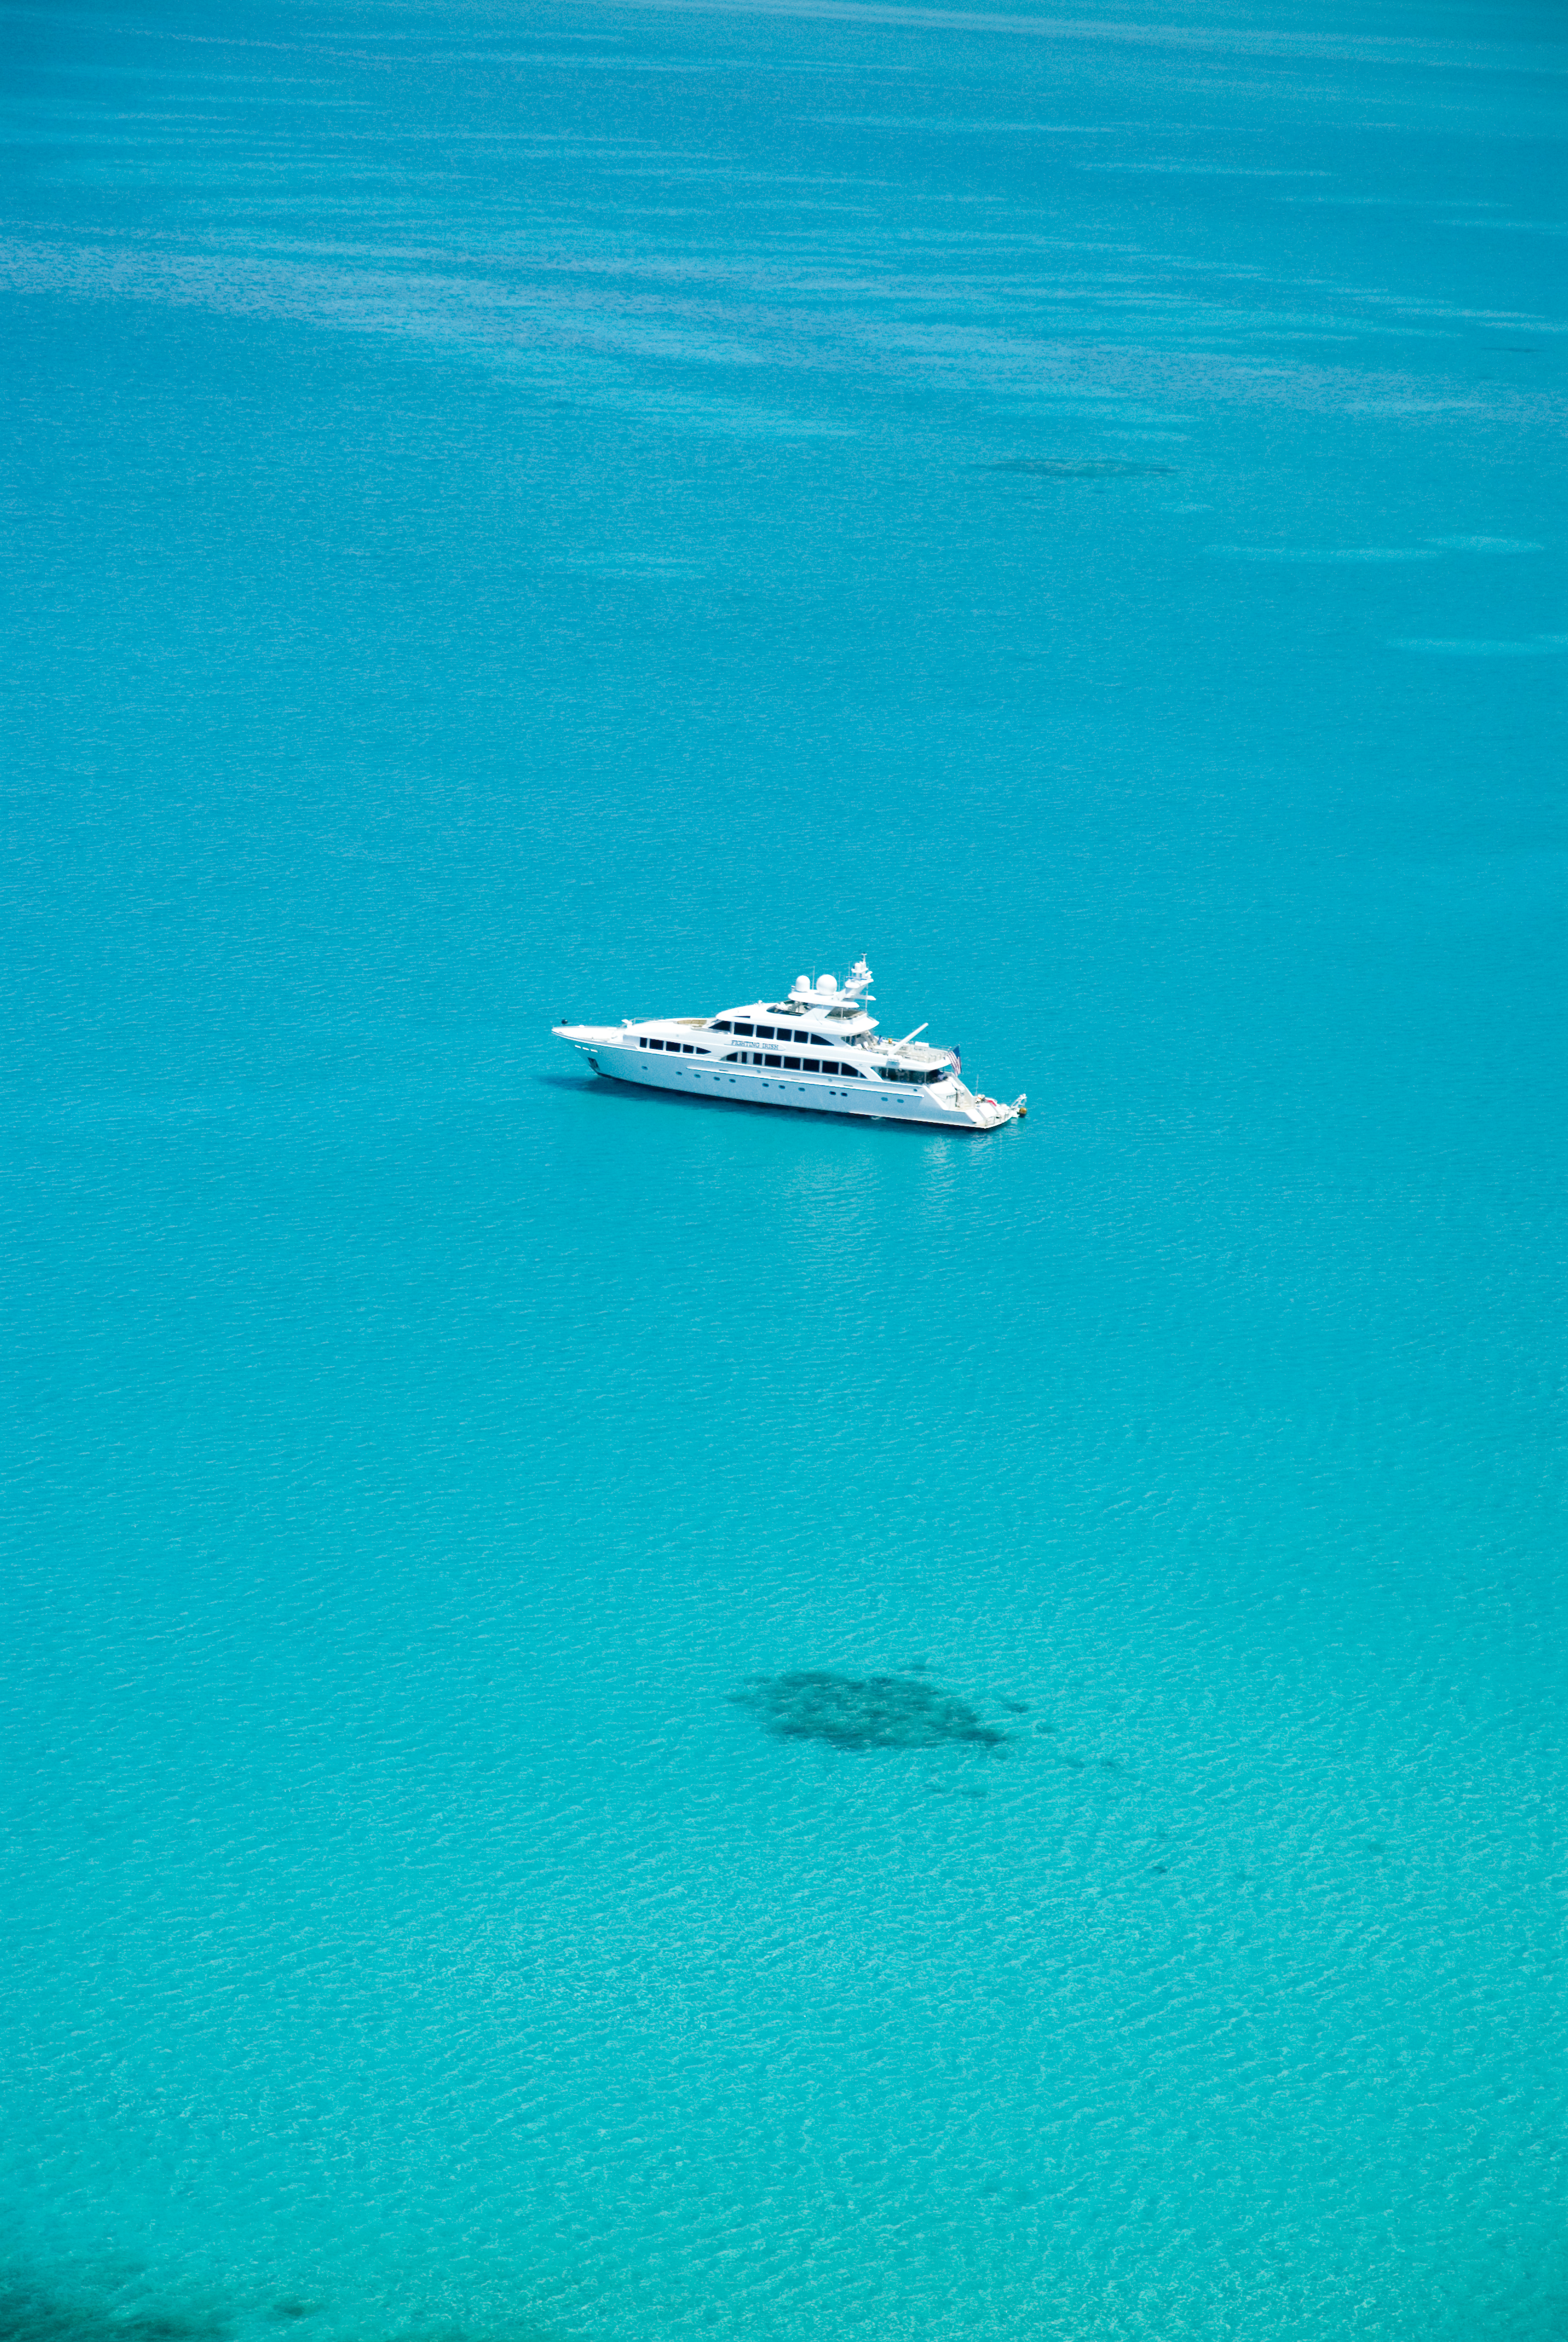 The Bahamas Ocean